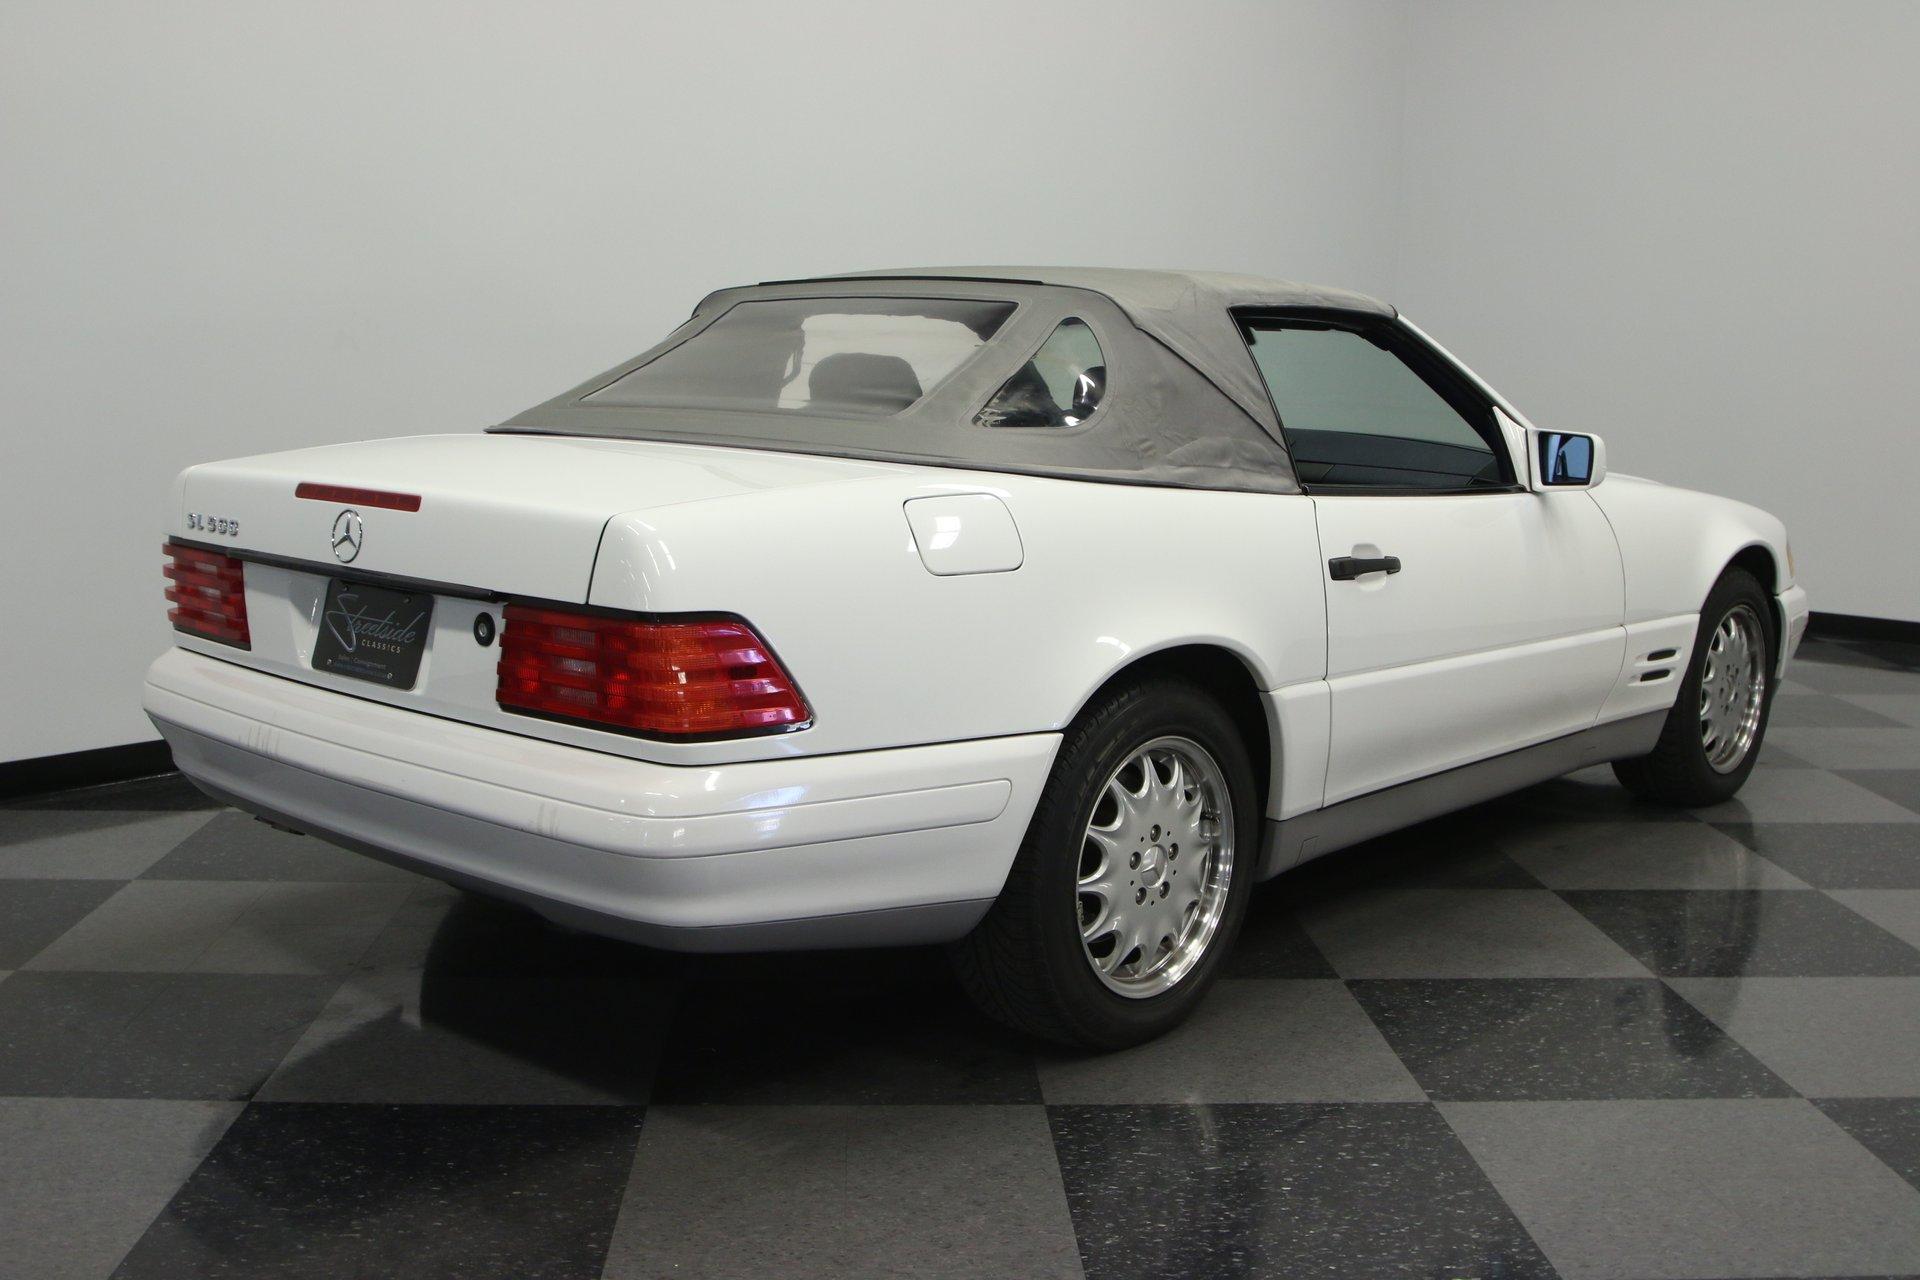 1998 Mercedes-Benz SL500 | Streetside Classics - The